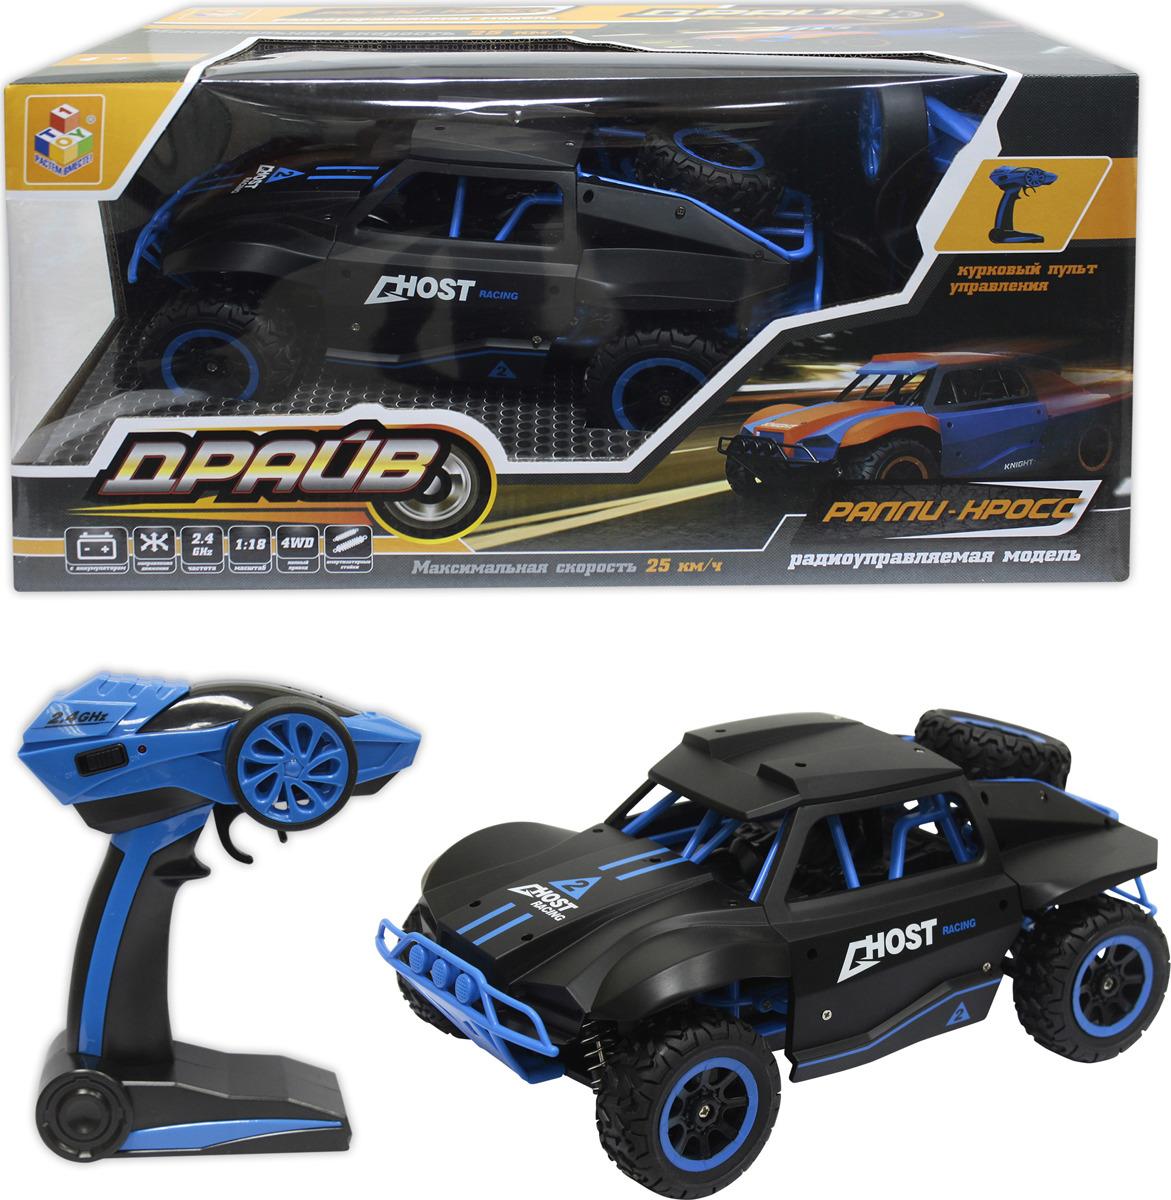 Машинка Раллийная Драйв 1TOY радиоуправляемая, 4WD, цвет: черный, синий набор машинок 1toy драйв street race т10336